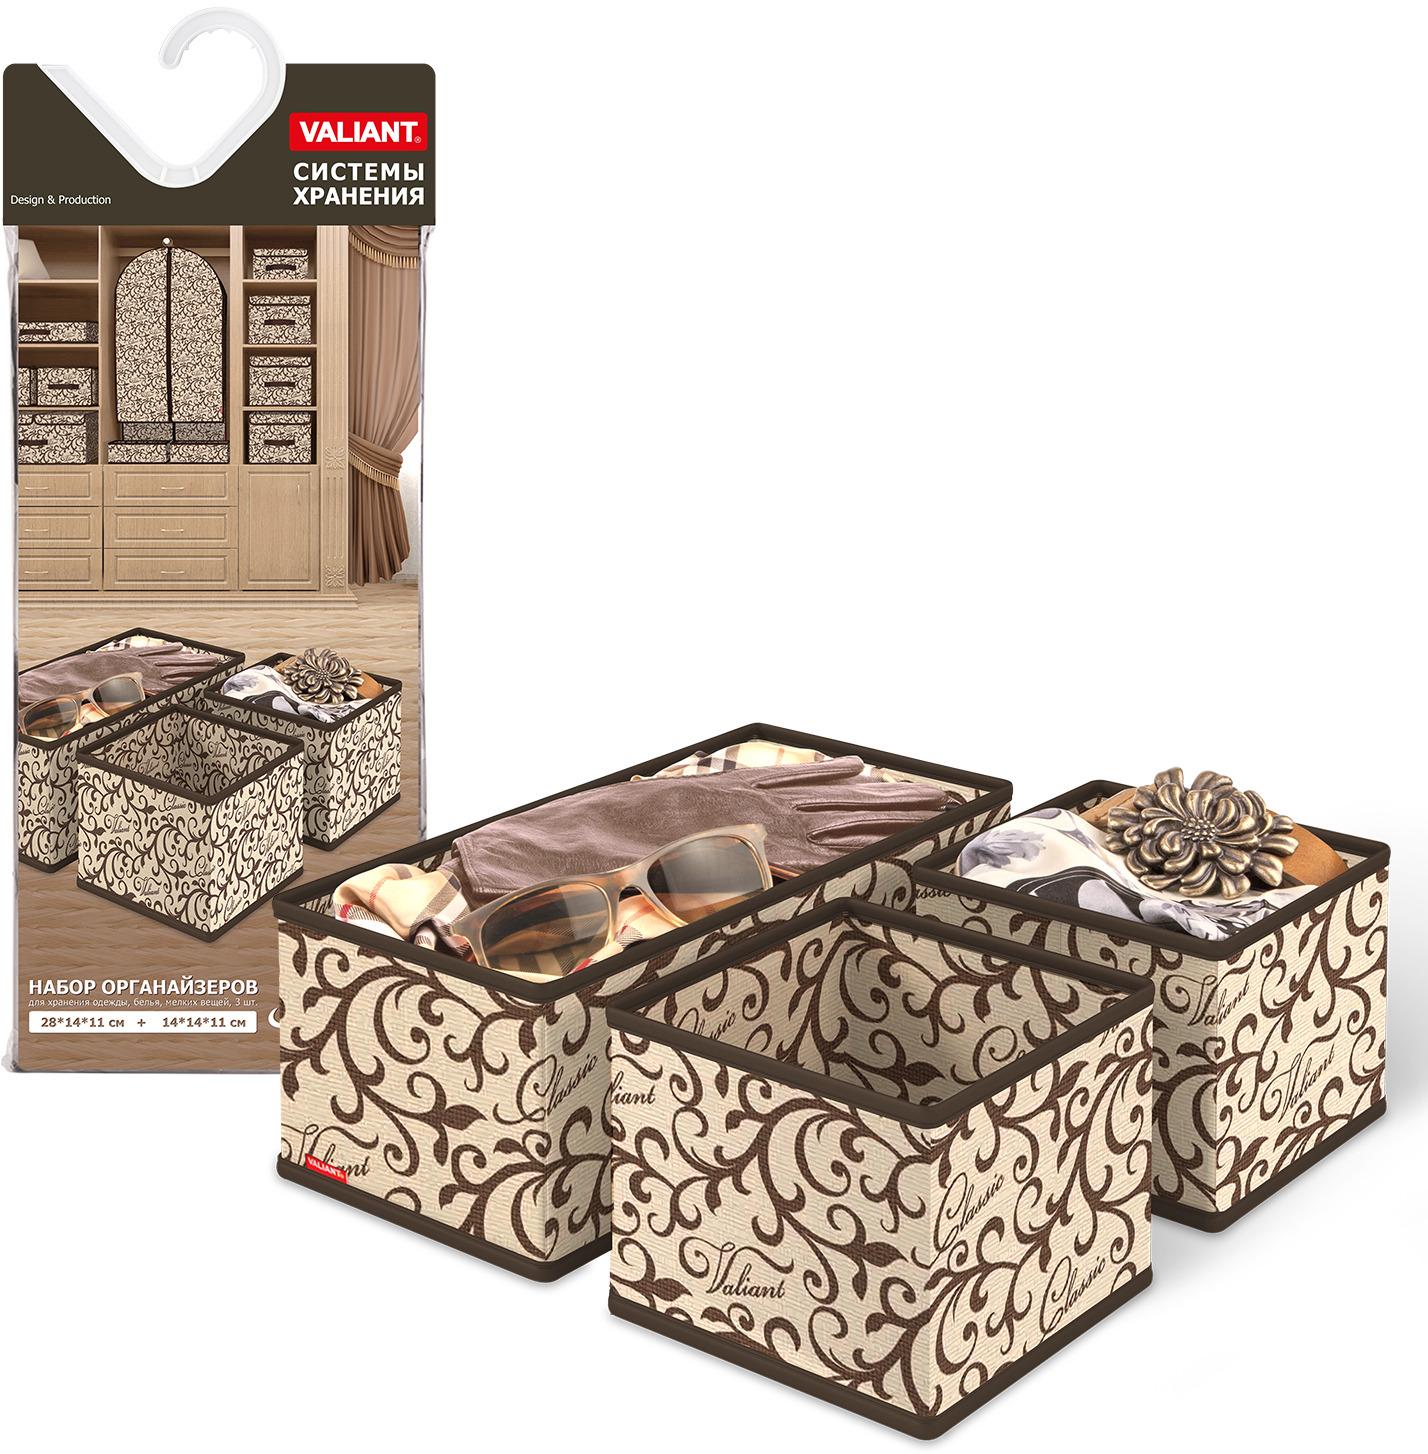 Набор органайзеров Valiant Classic, цвет: коричневый, 28 x 14 x 11 см и 14 x 14 x 11 см, 3 предмета набор органайзеров valiant vintage цвет бежевый 18 x 12 x 5 см 12 x 12 x 5 см vn s2p